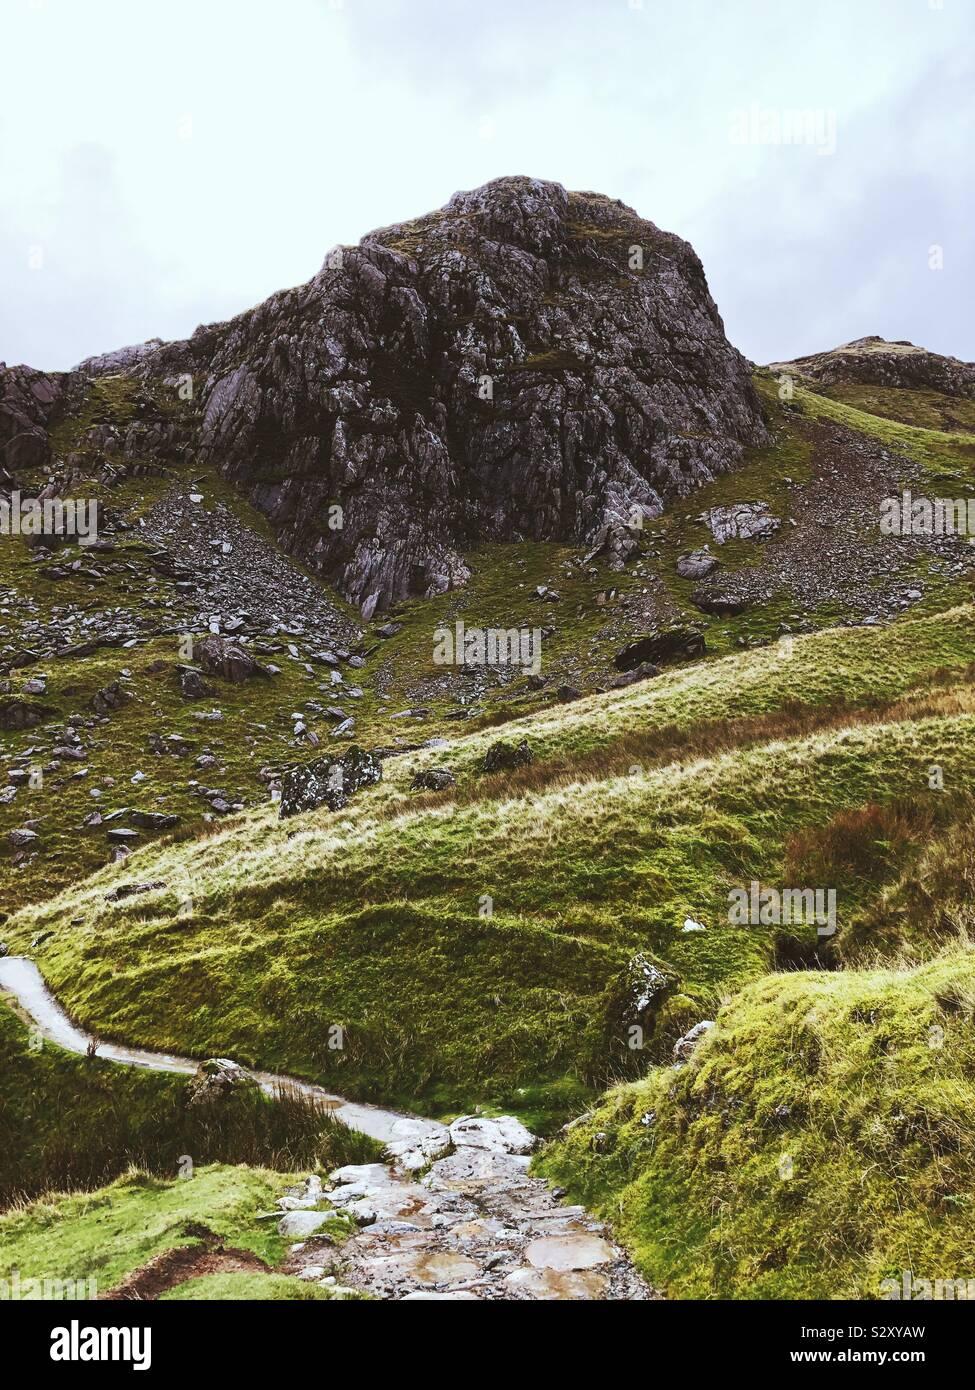 Chemin vers le Mont Snowdon ci-dessous une grande falaise Banque D'Images